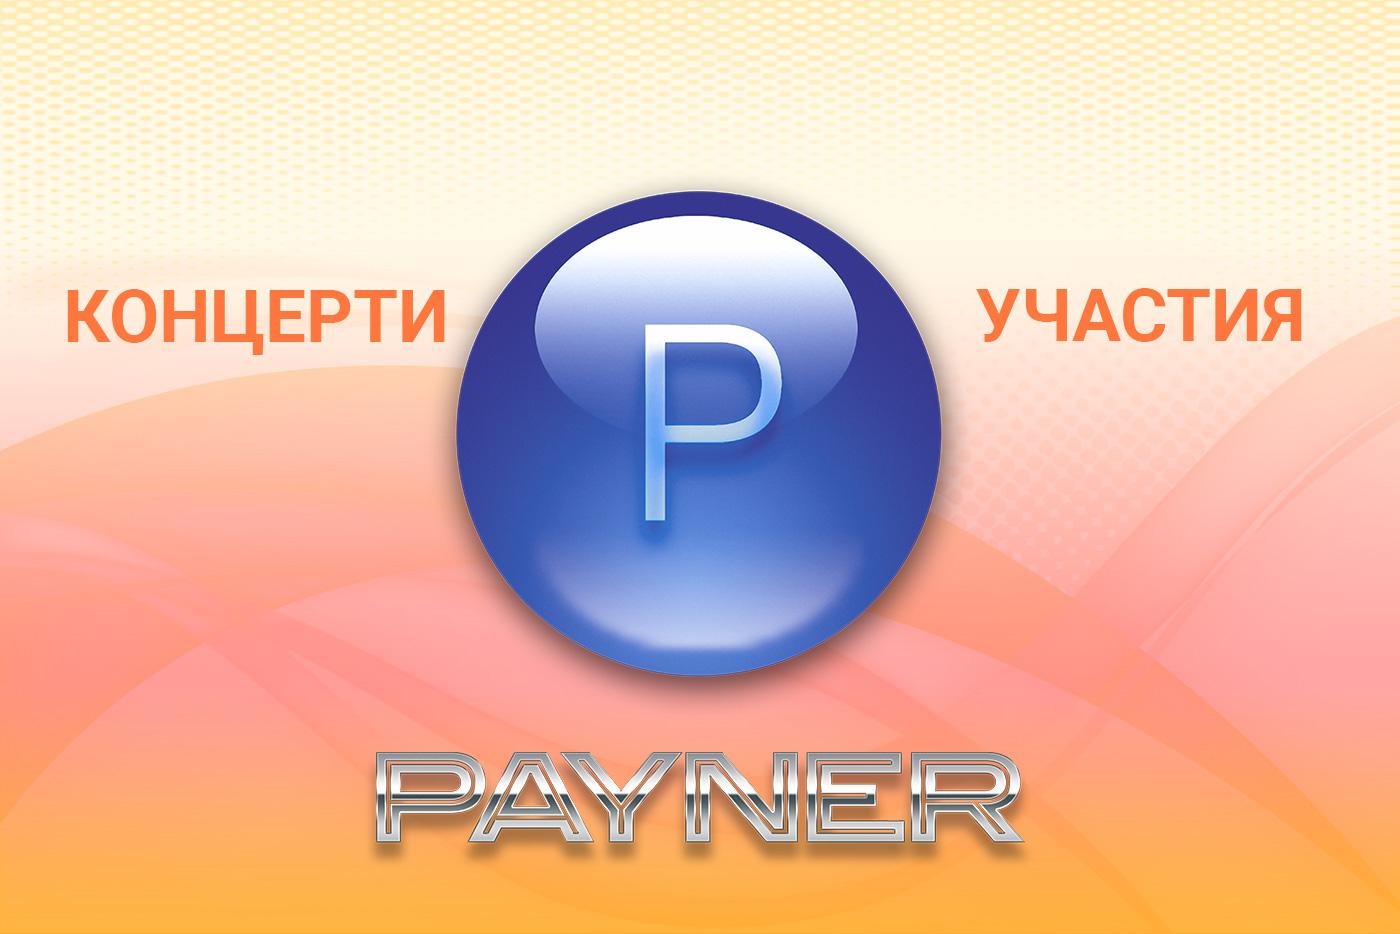 """Участия на звездите на """"Пайнер"""" на 21.12.2018"""